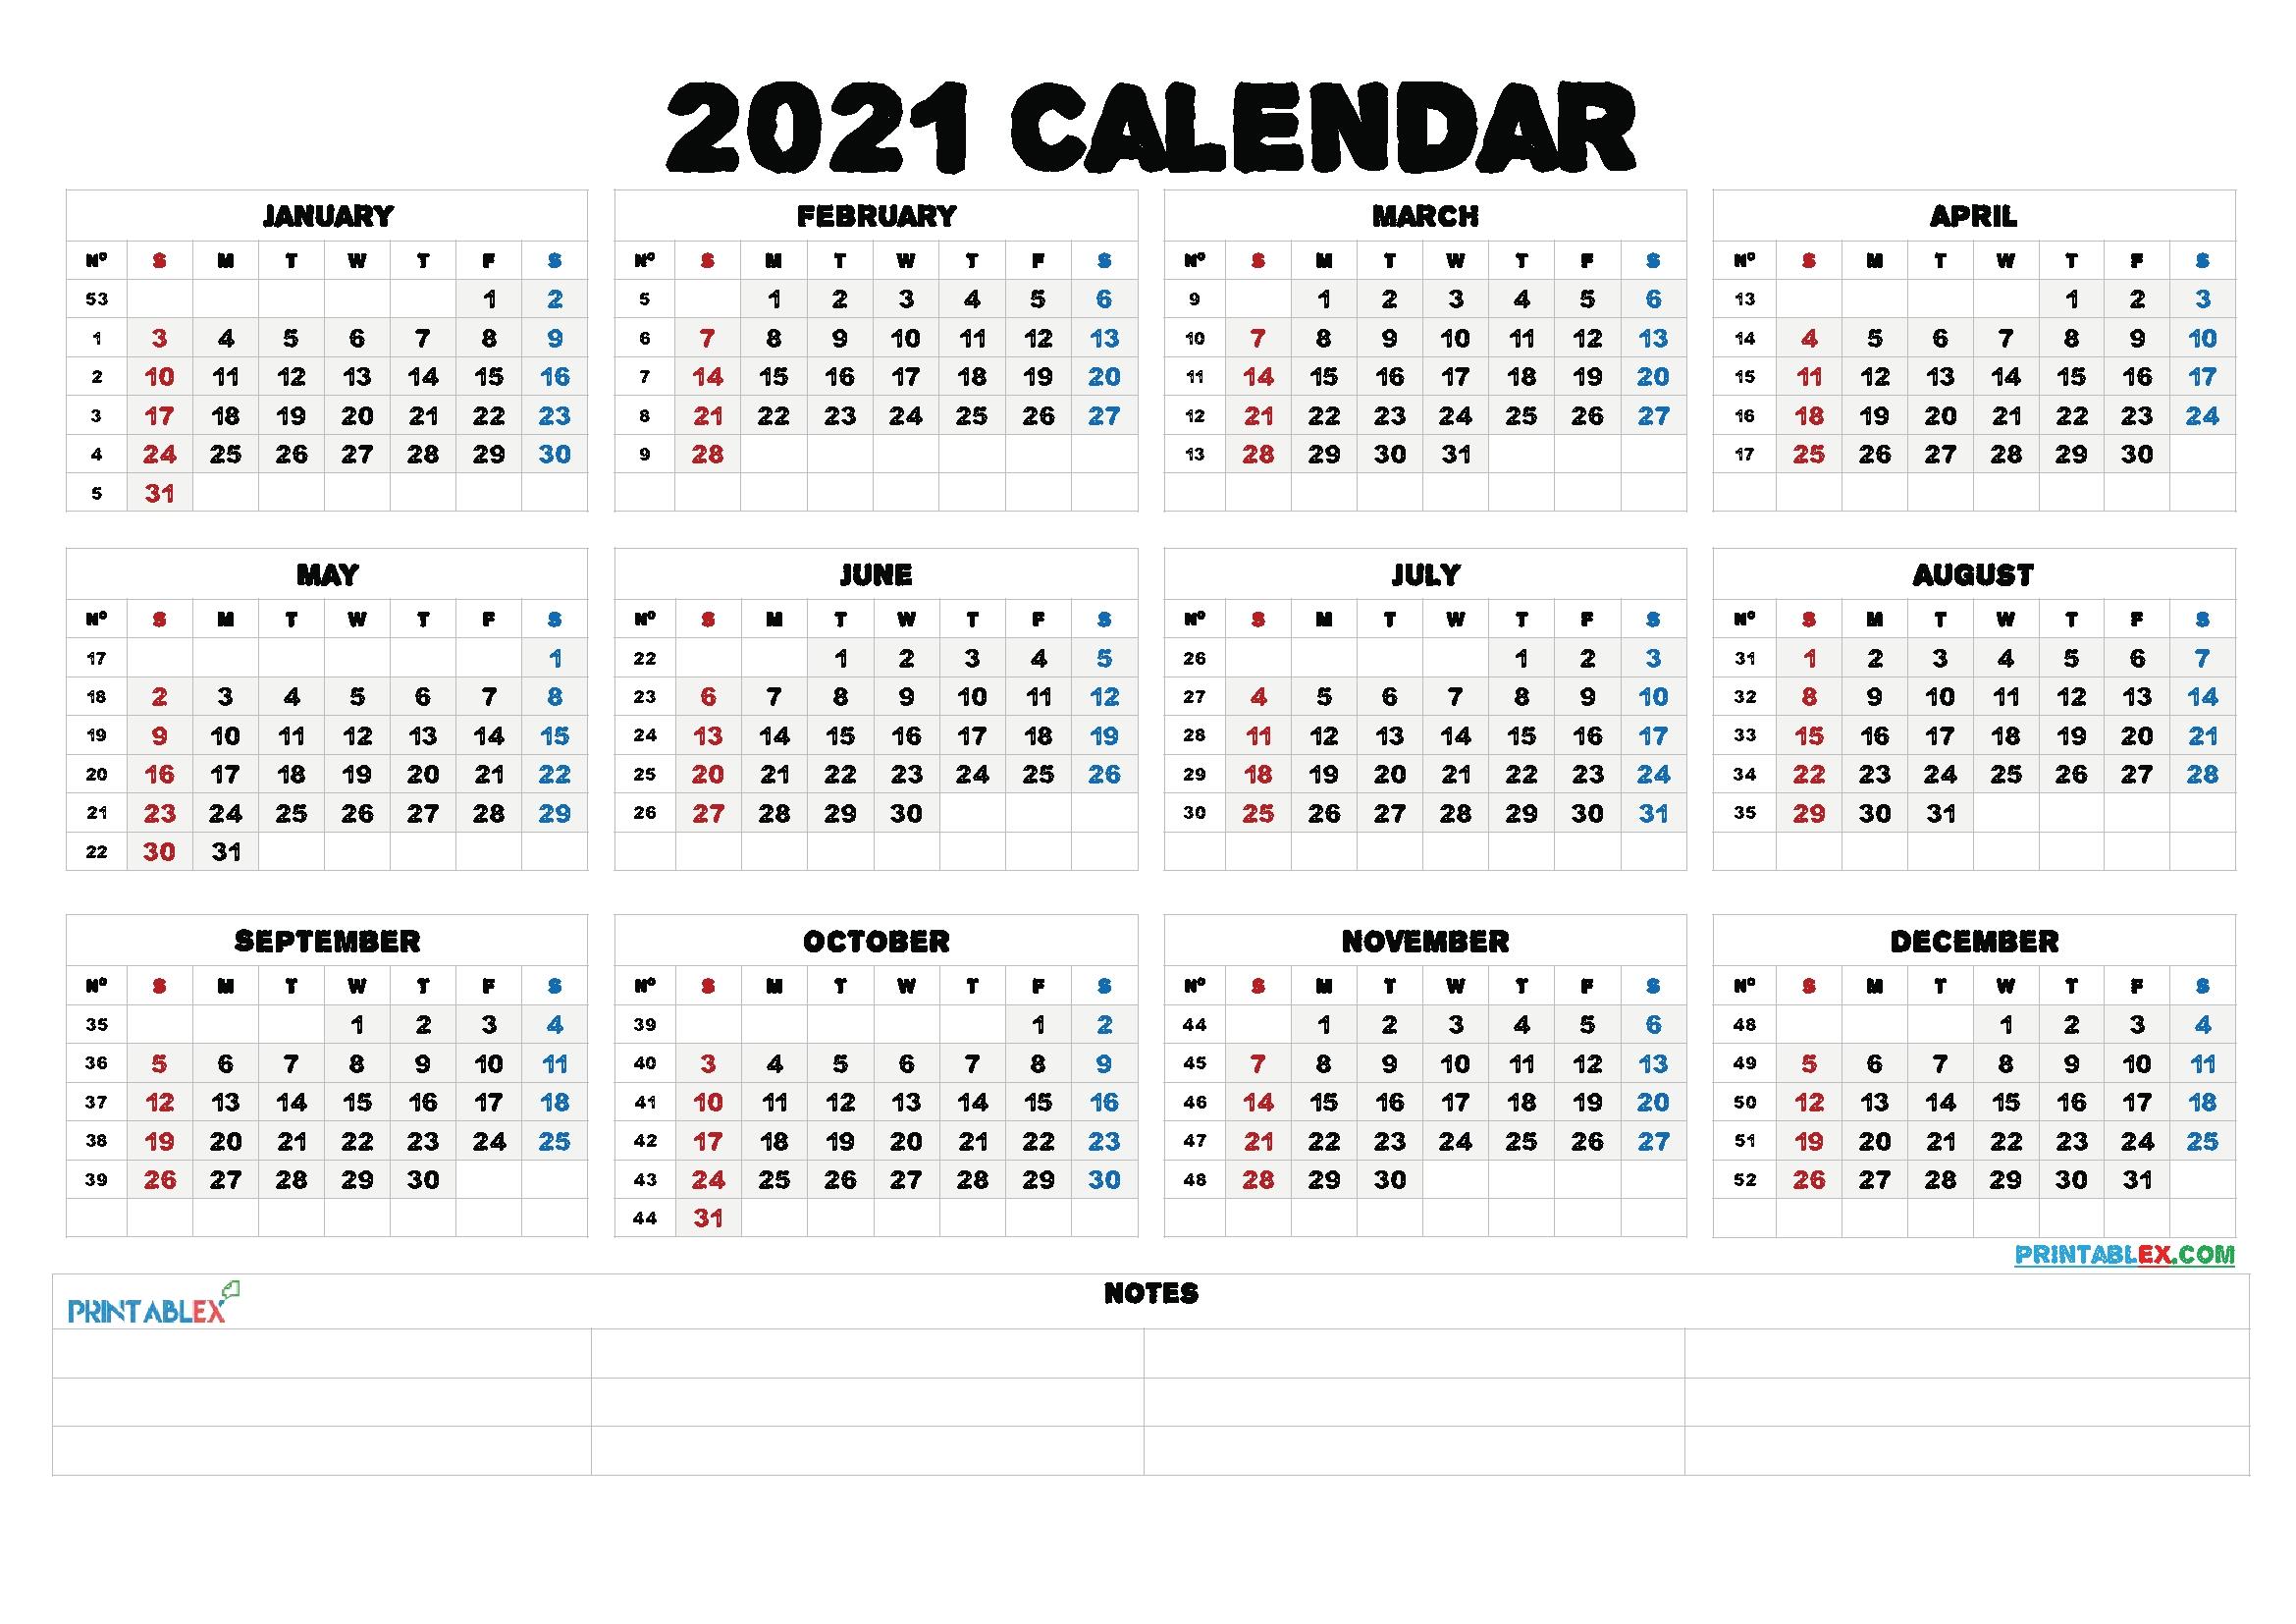 Free Printable 2021 Yearly Calendar With Week Numbers – Free